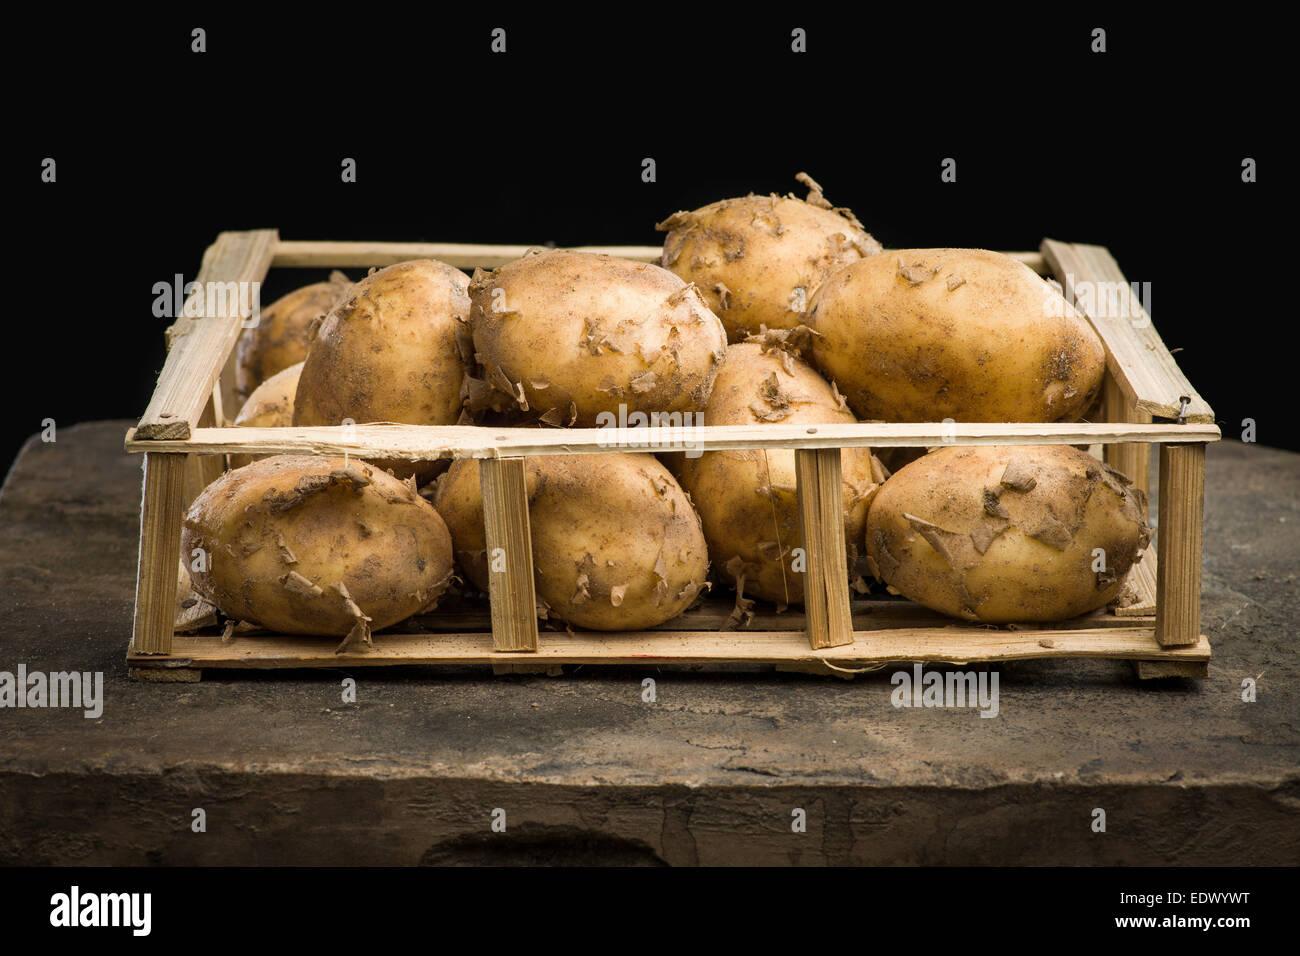 Les jeunes pommes mûres dans une caisse en bois sur le fond sombre Photo Stock